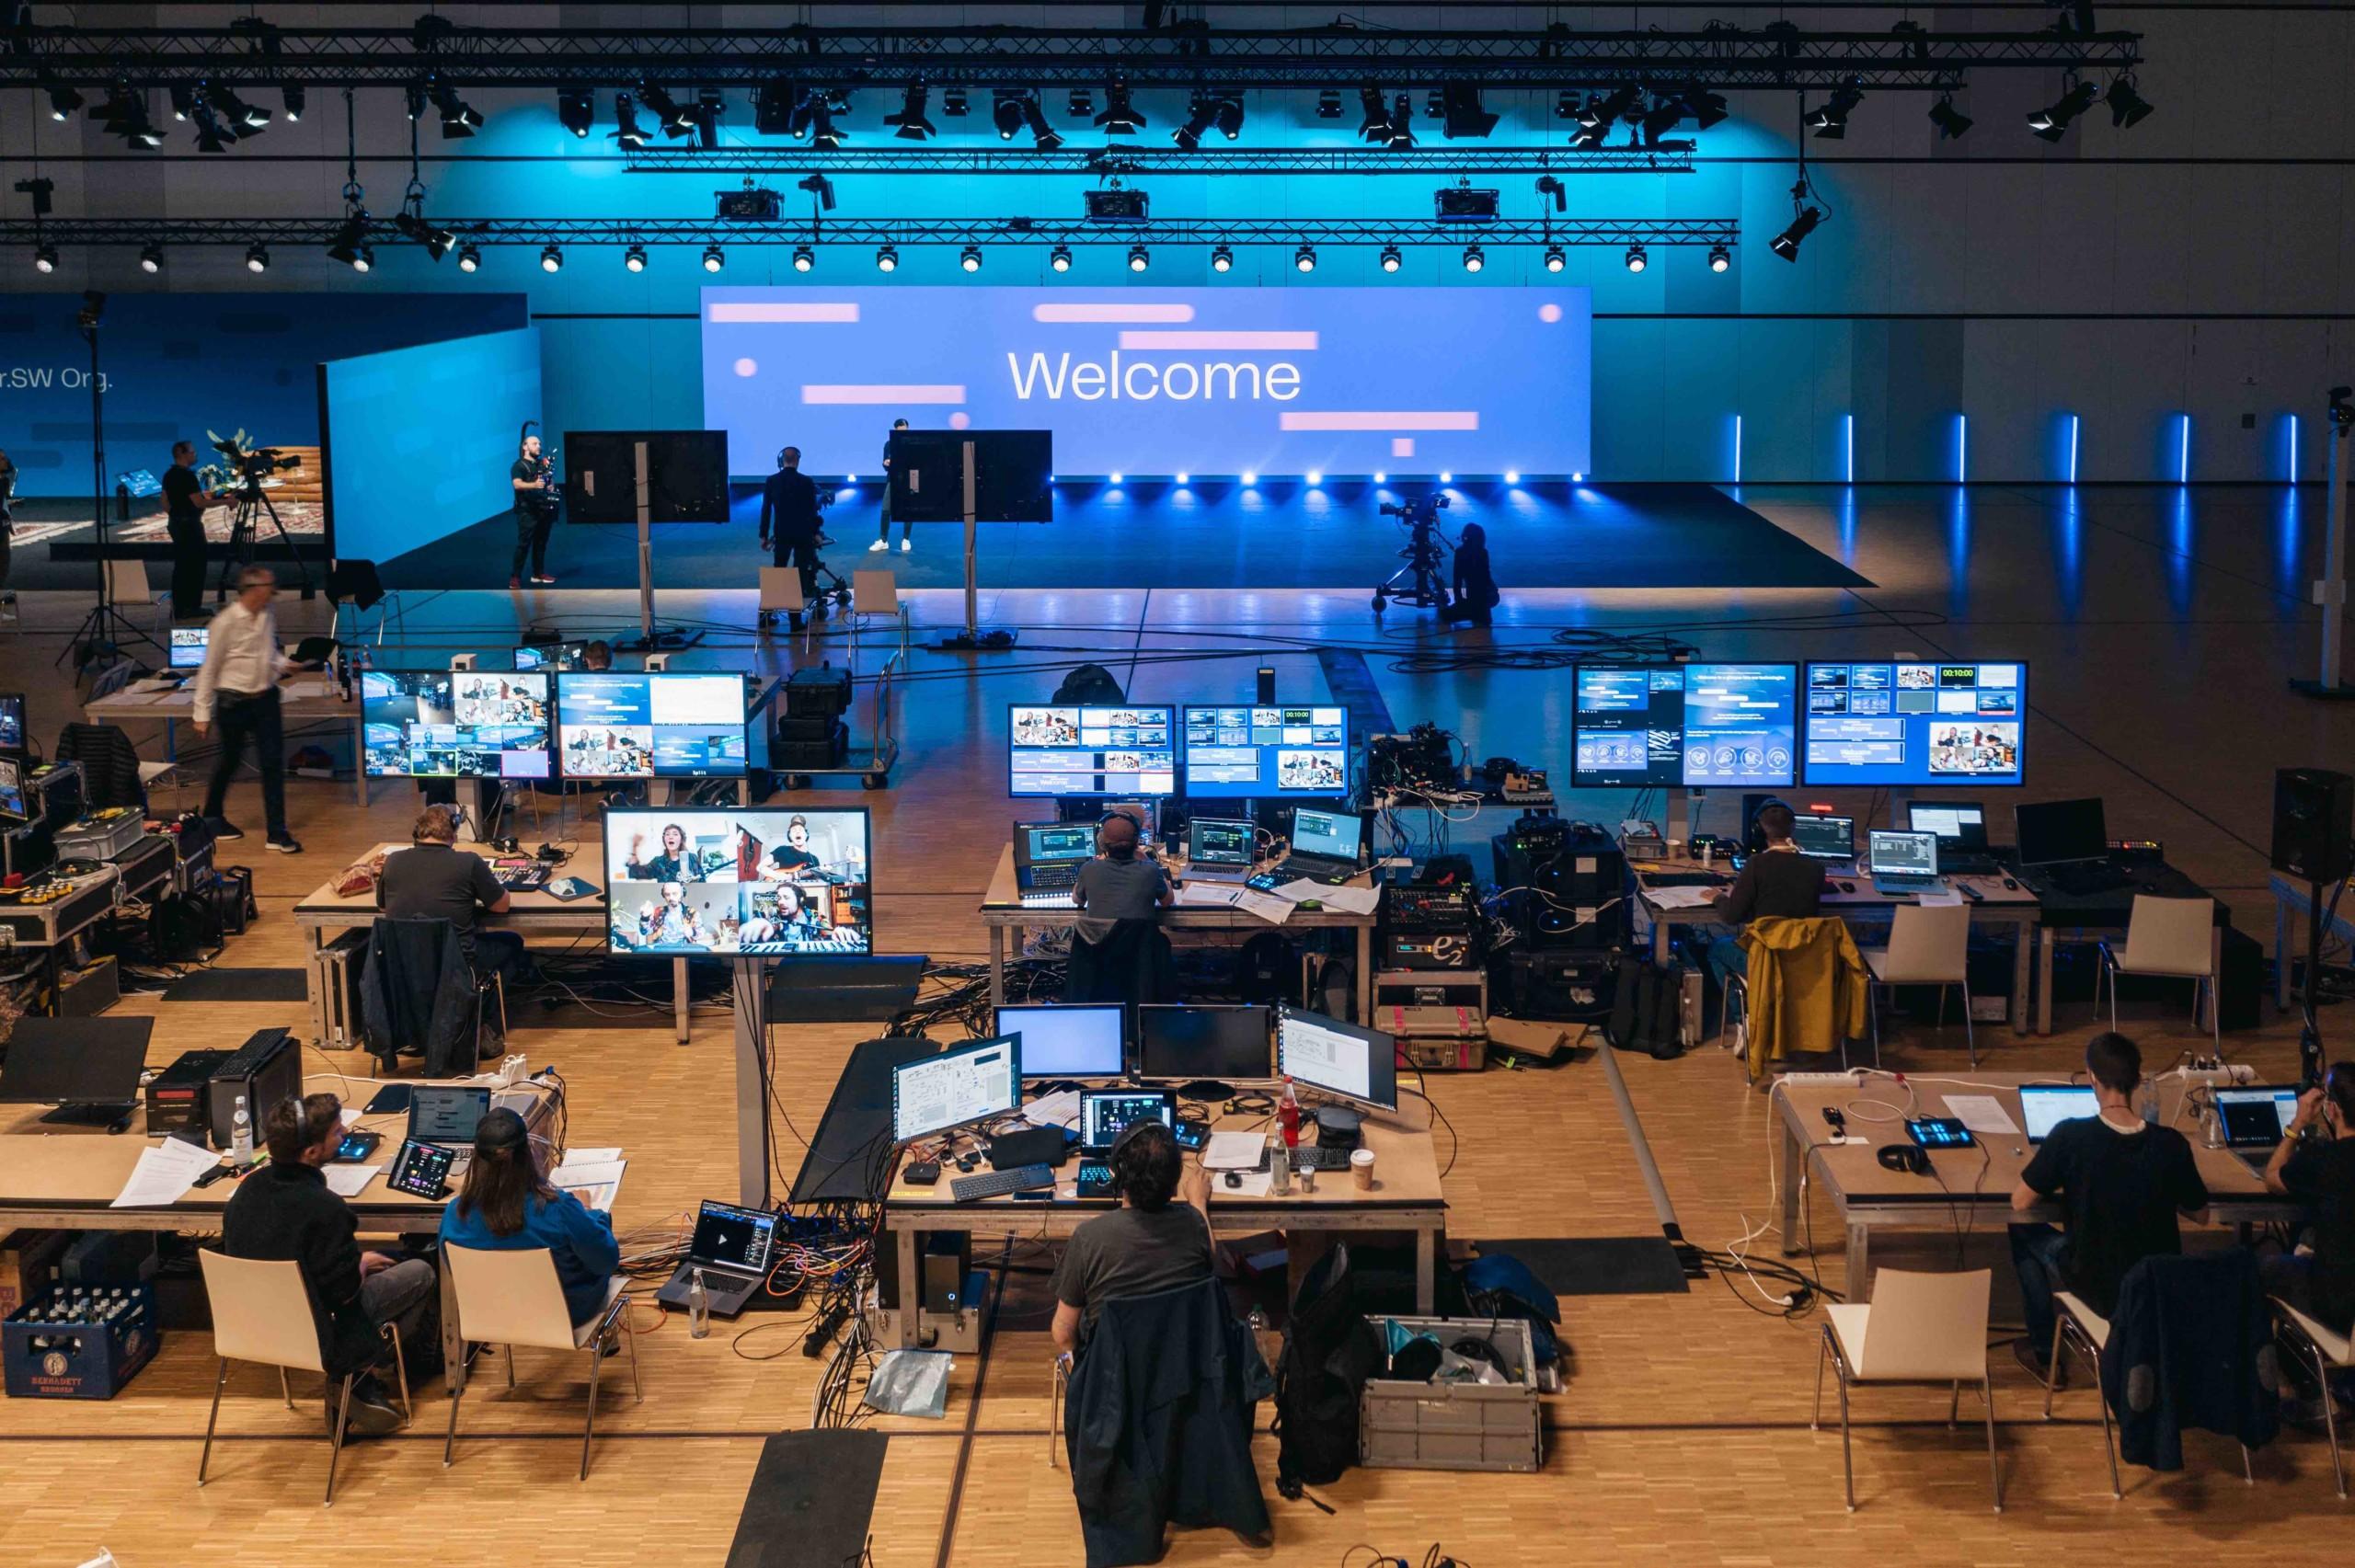 Spreefreunde inszenieren Tech Show für Volkswagen Car.Software-Organisation